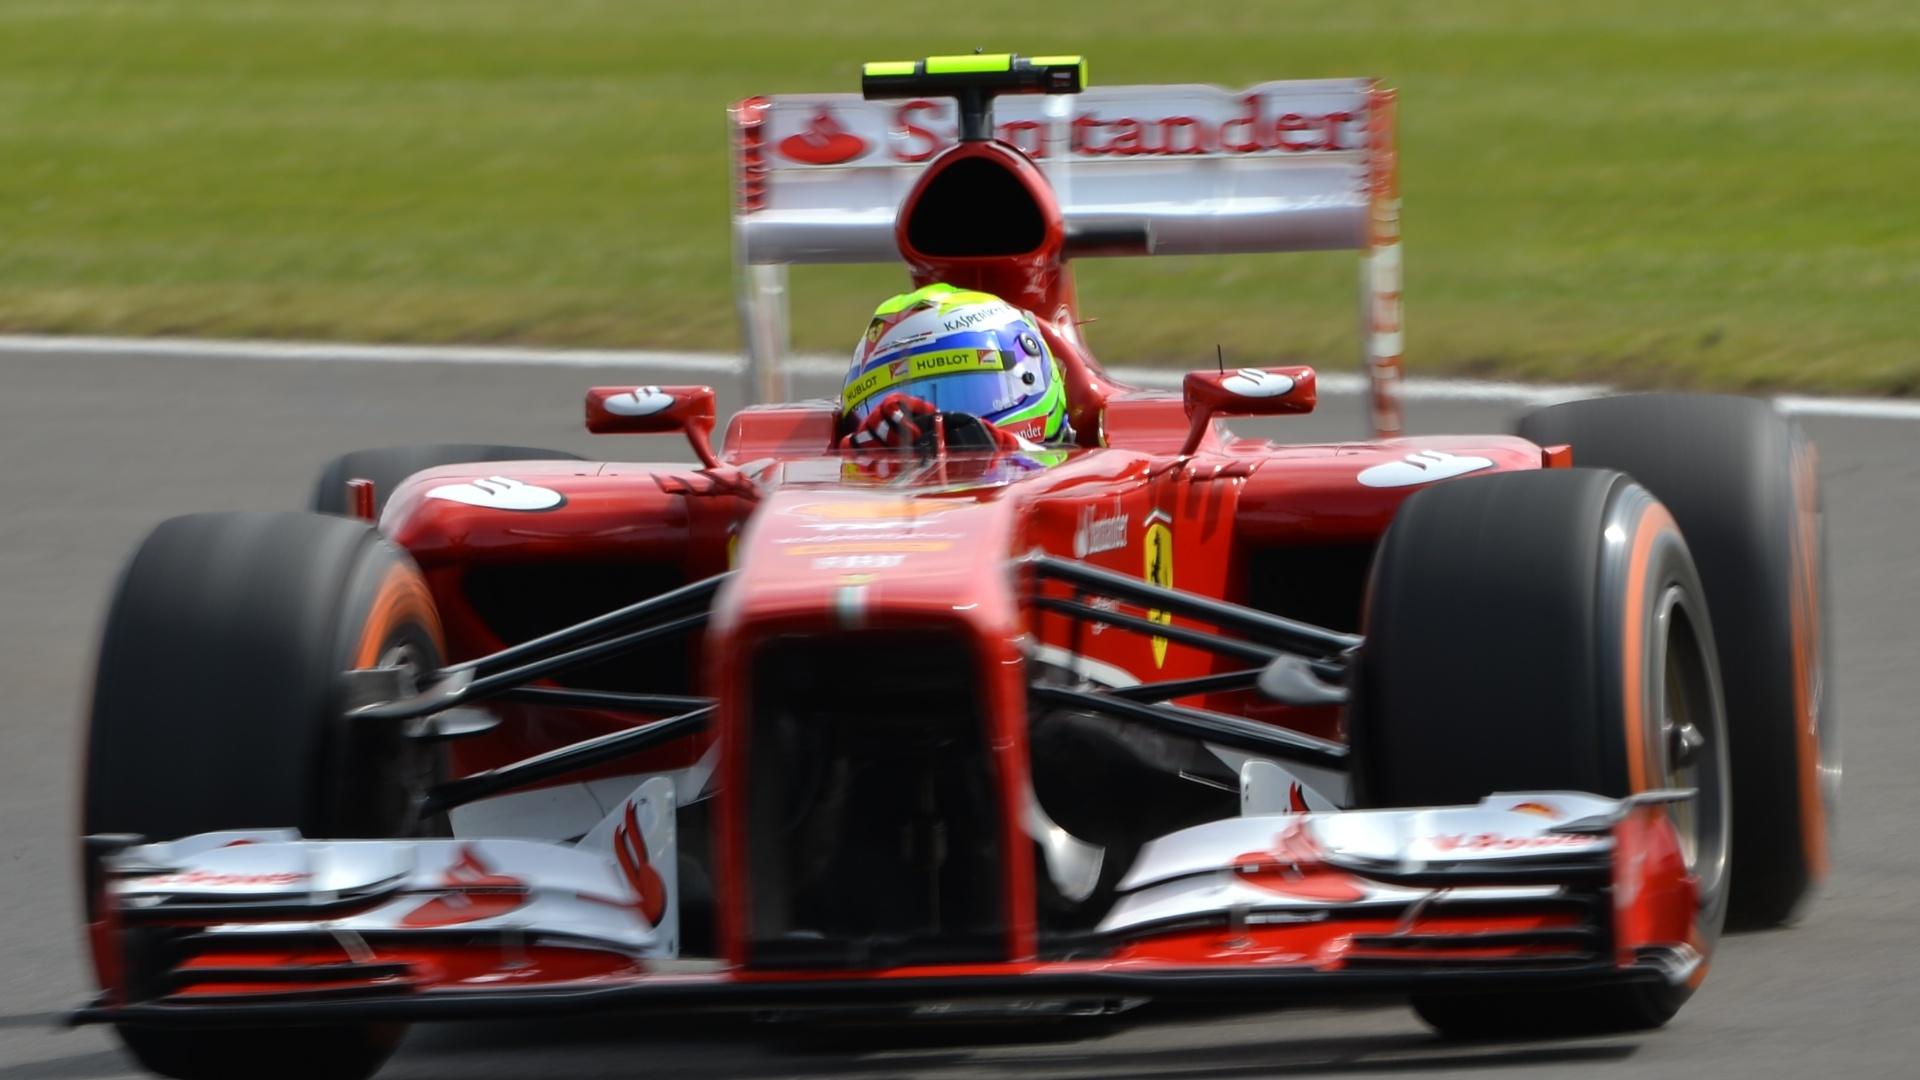 29.jun.2013 - Felipe Massa guia sua Ferrari pelo circuito de Silverstone durante treino de classificação do GP da Inglaterra